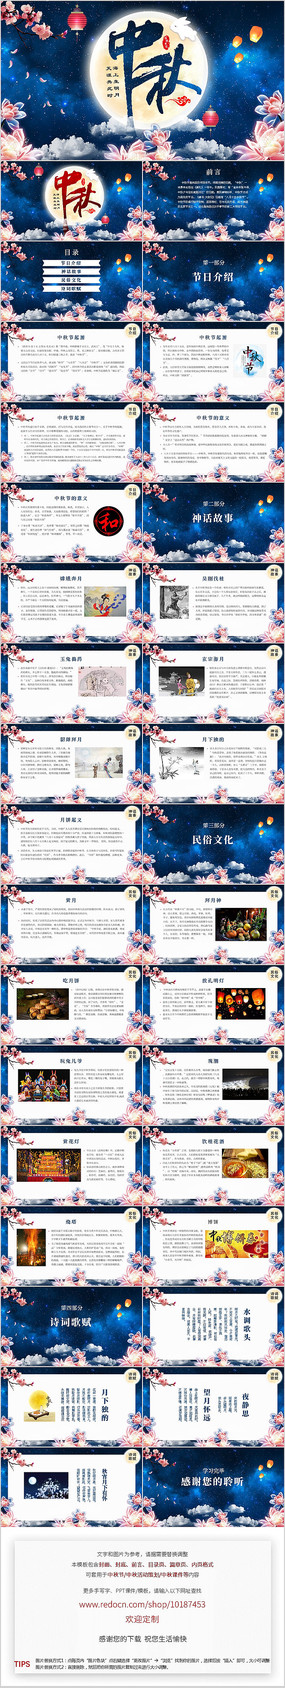 中秋节PPT课件模板